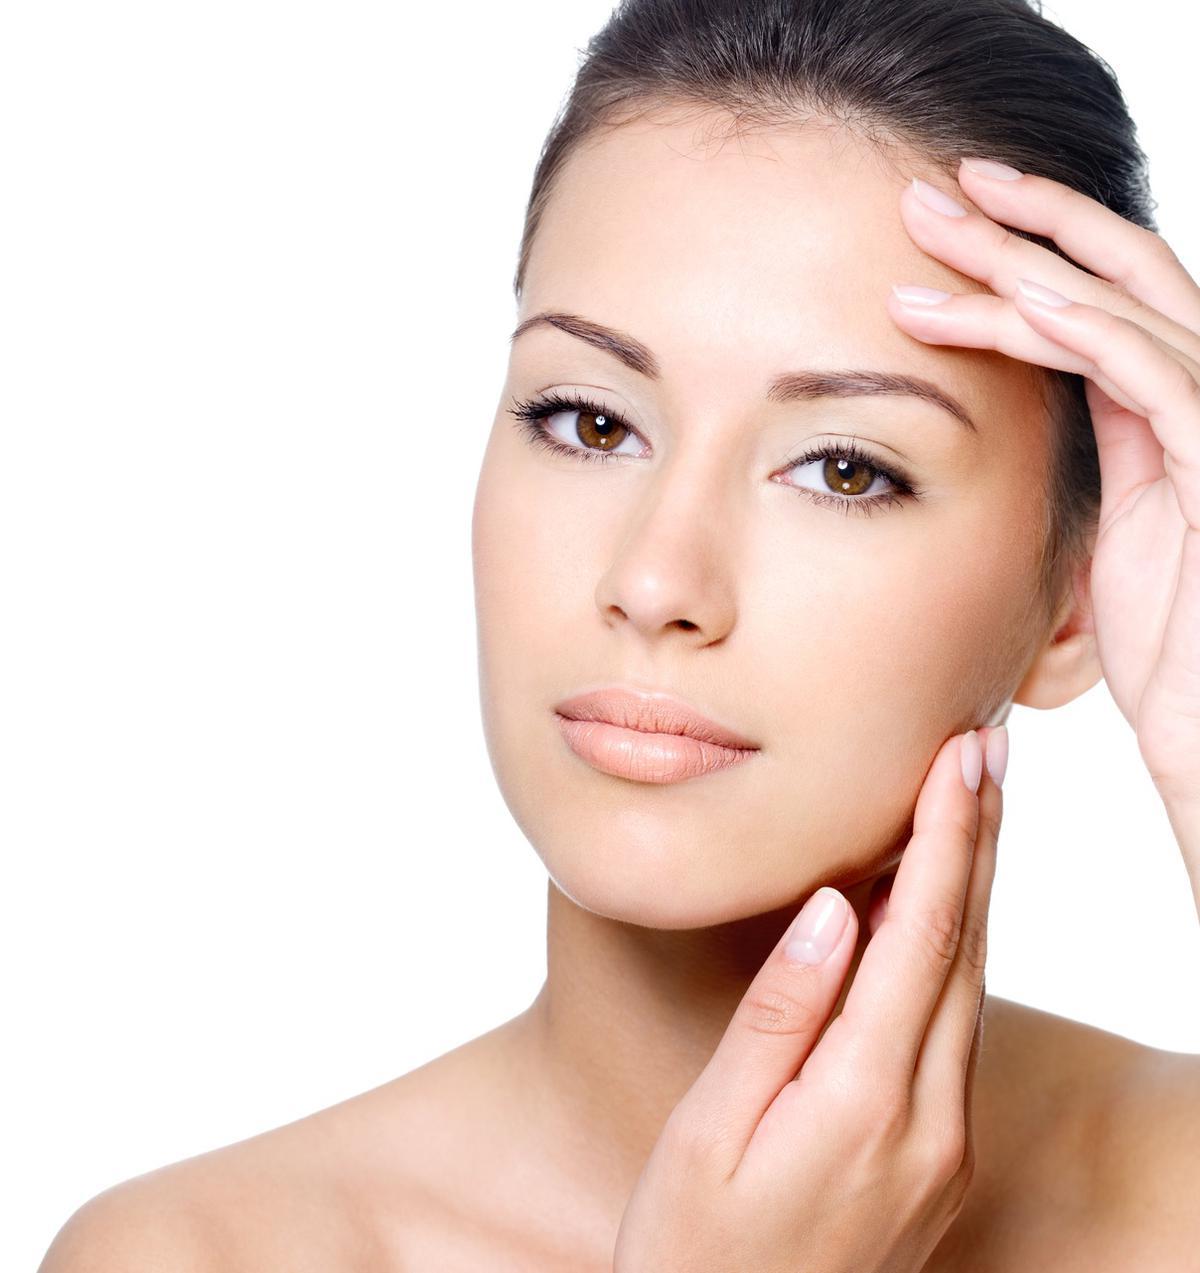 Tips to Detoxify The Skin